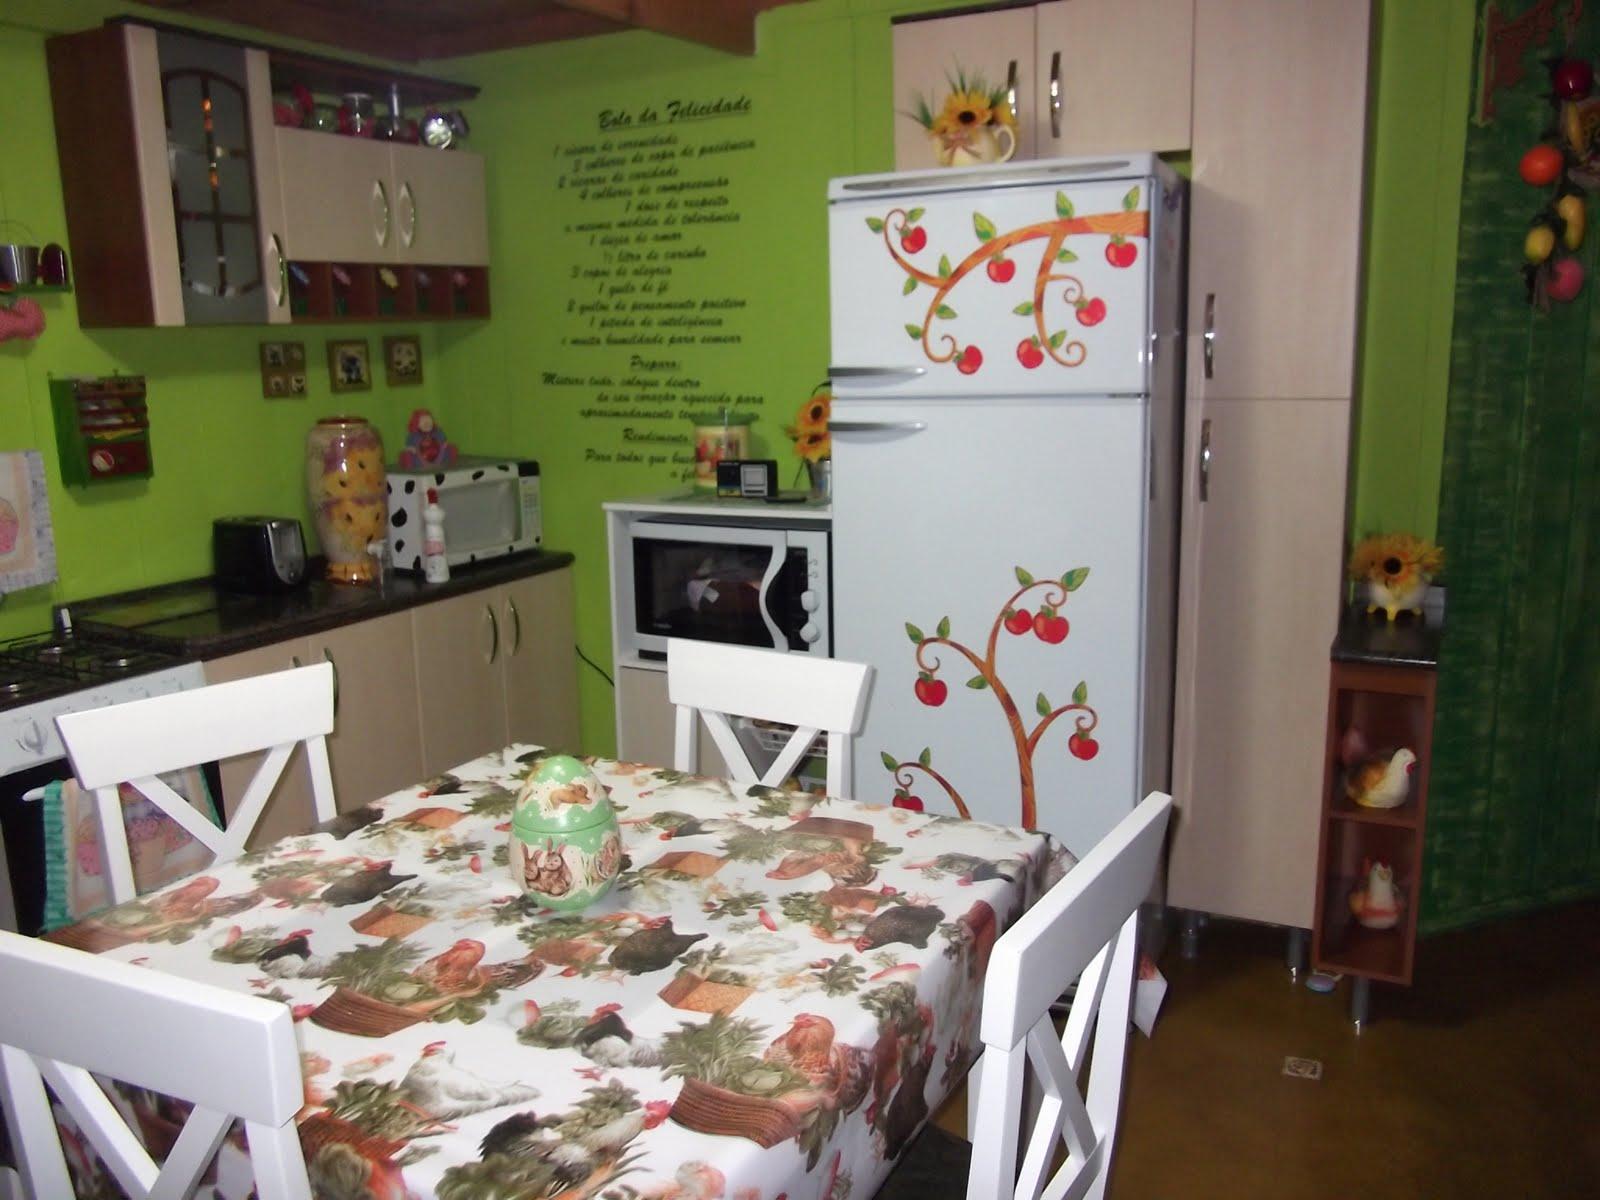 Decoracao Para Cha De Cozinha Simples E Barata 4 Car Interior Design #4E5F24 1600 1200